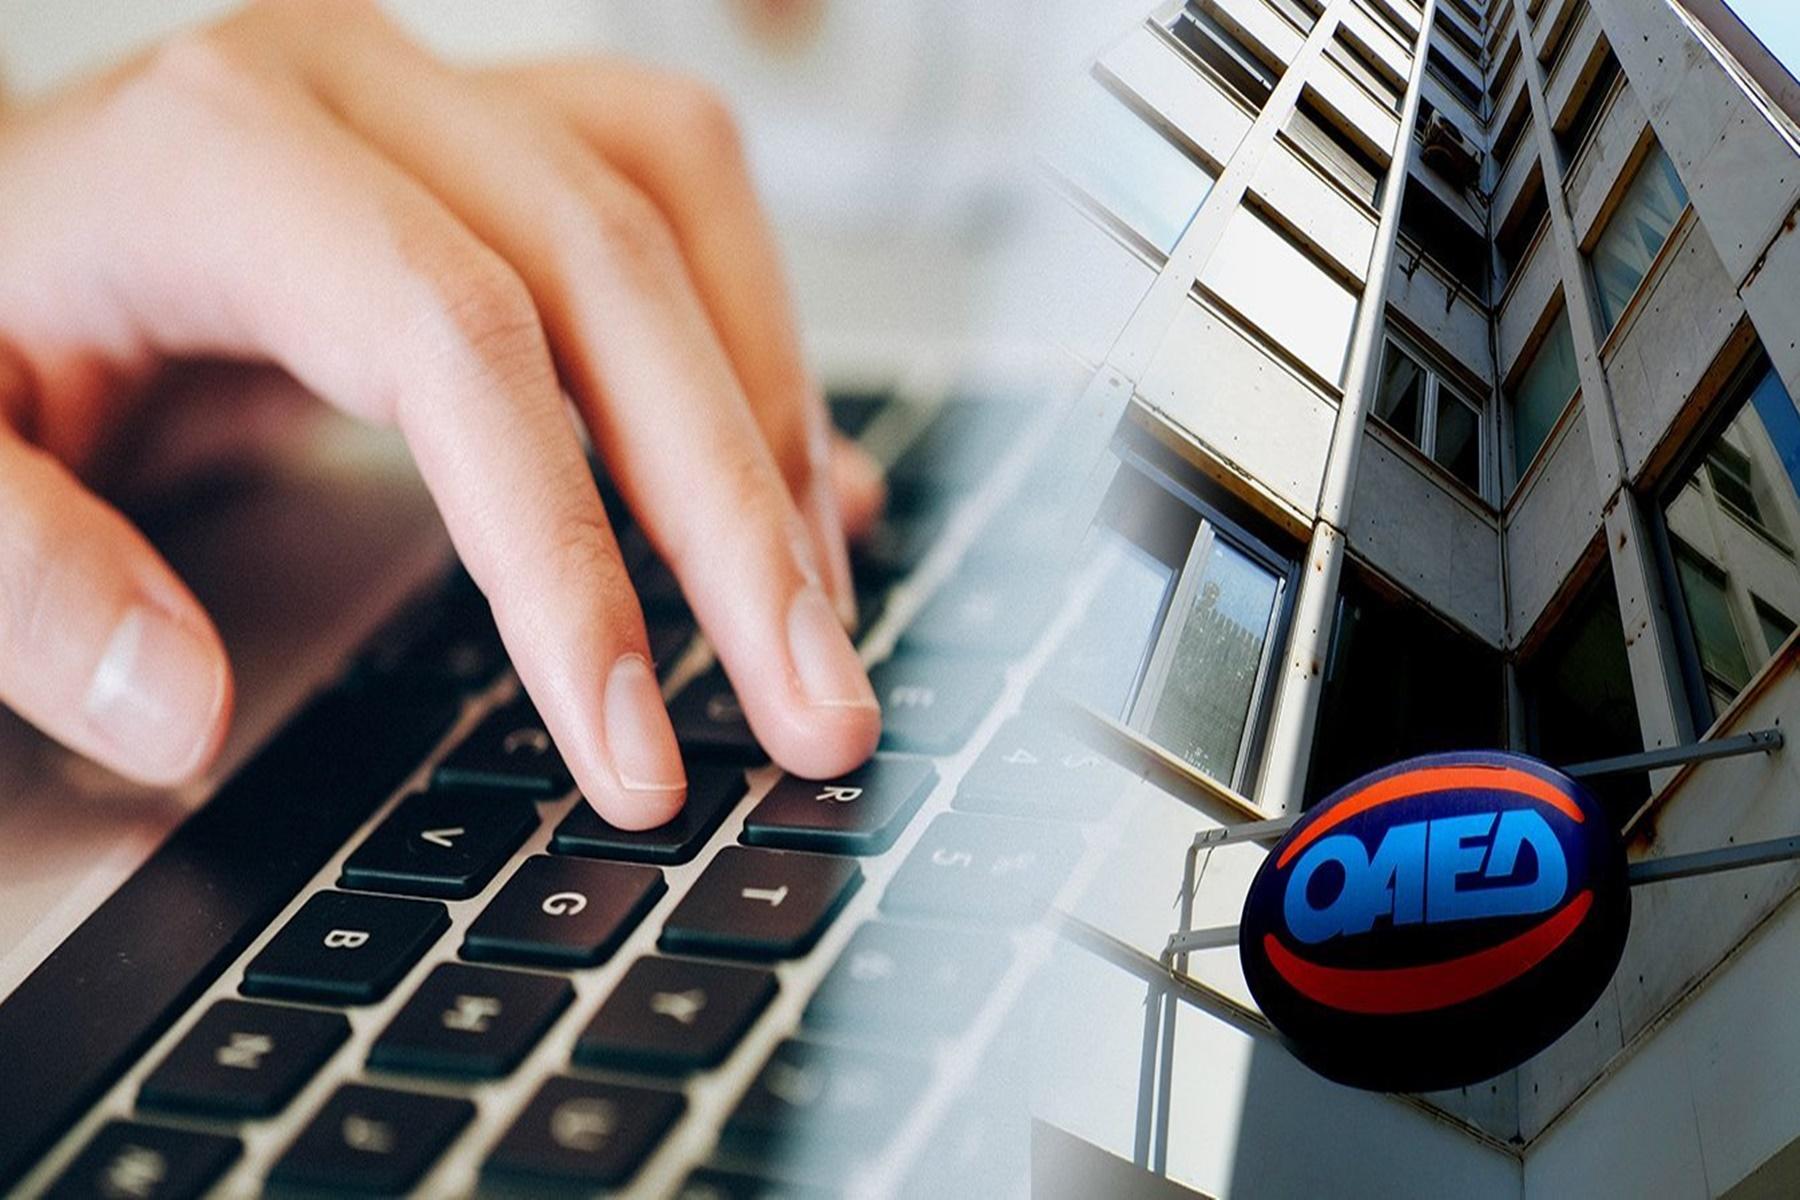 ΟΑΕΔ : Κάρτα ανεργίας και επαγγελματική κατάρτιση όσα ορίζονται από τον νόμο